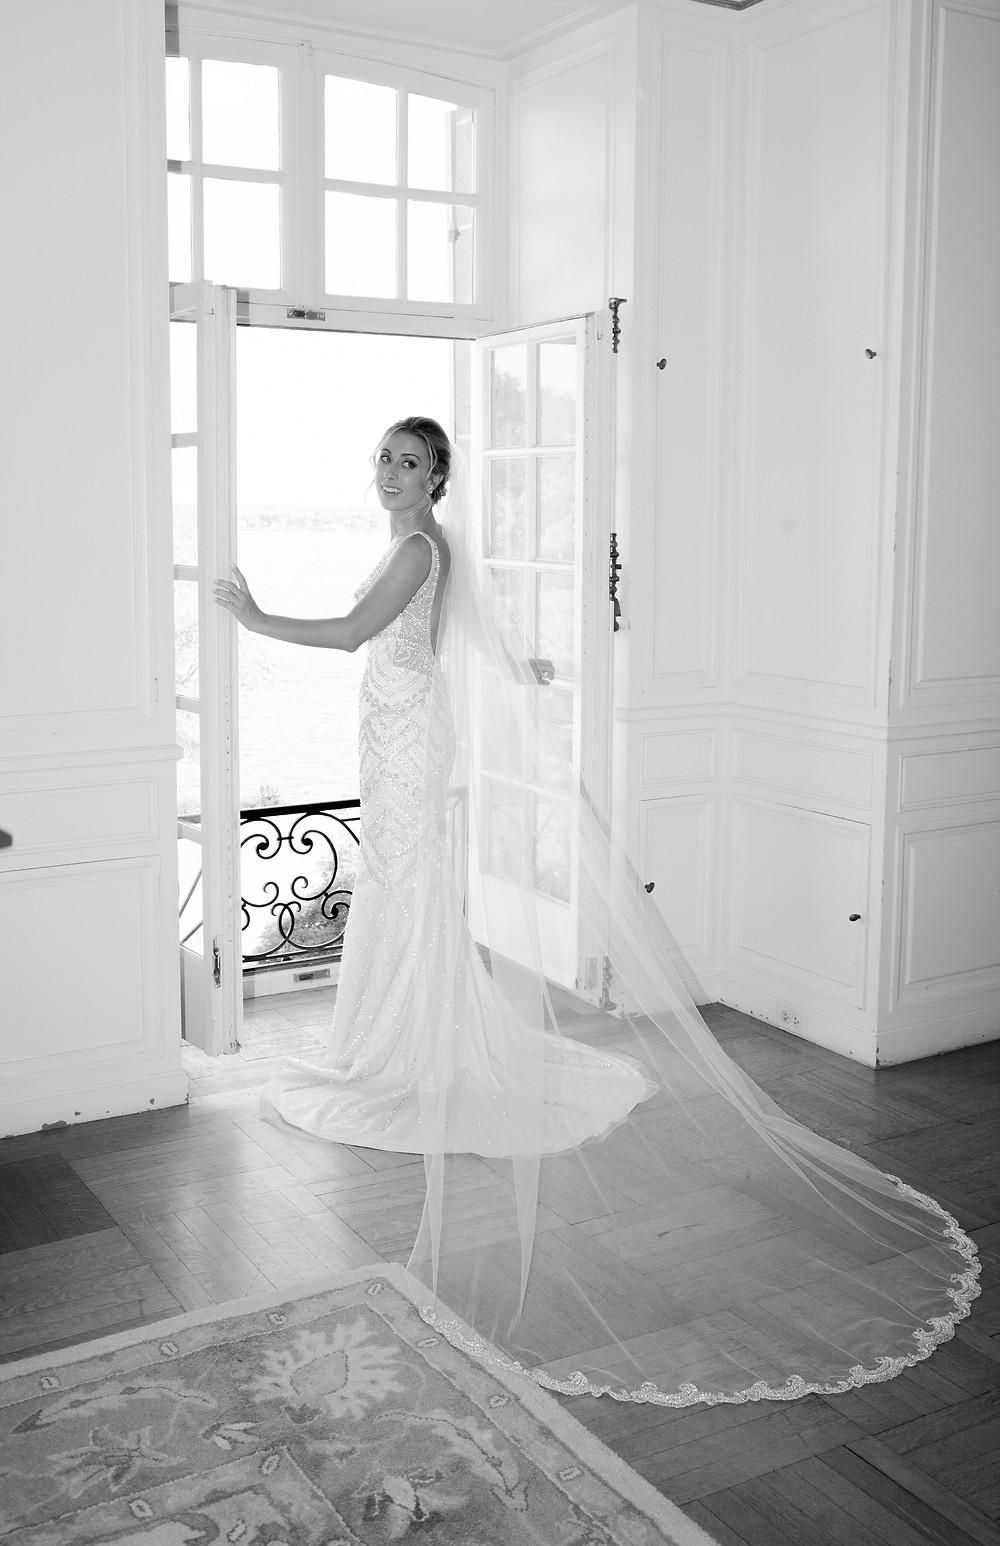 #bridalshowqueen #findmyphotographer #bridalshowtips